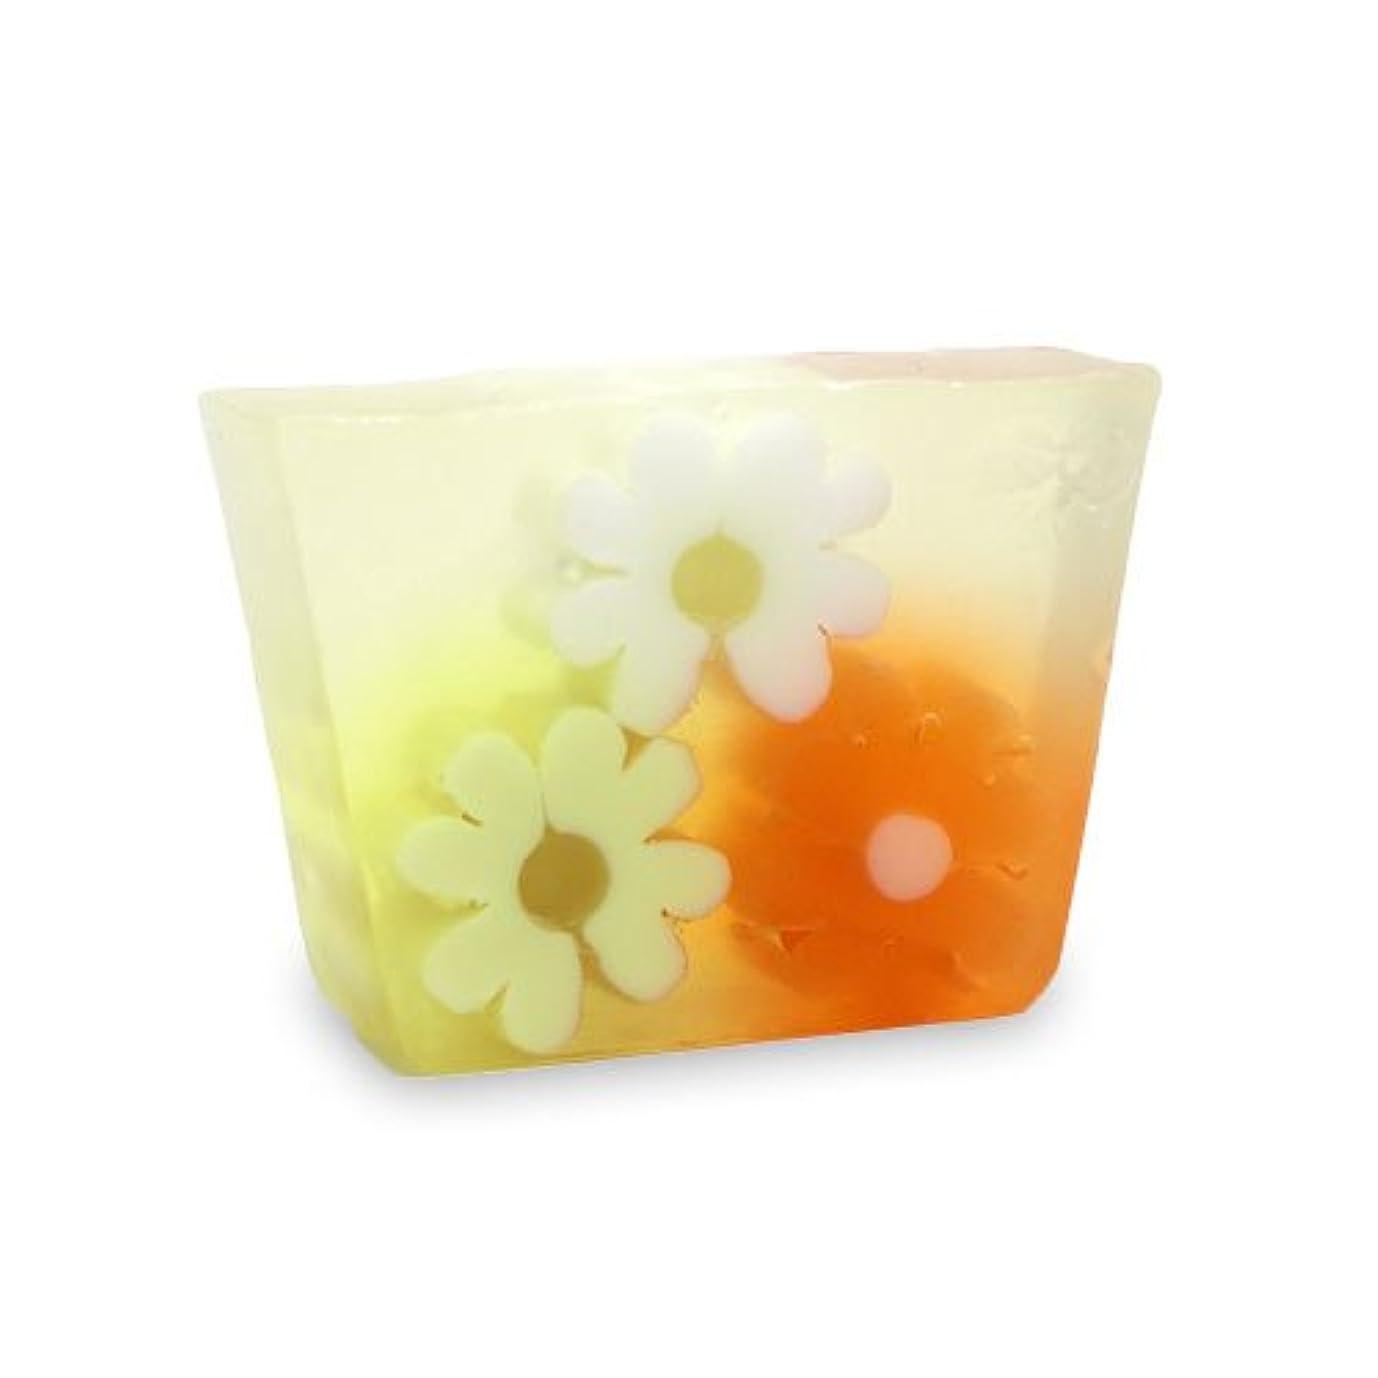 刺す関連付ける実質的プライモールエレメンツ アロマティック ミニソープ オレンジフラワーショップ 80g 植物性 ナチュラル 石鹸 無添加